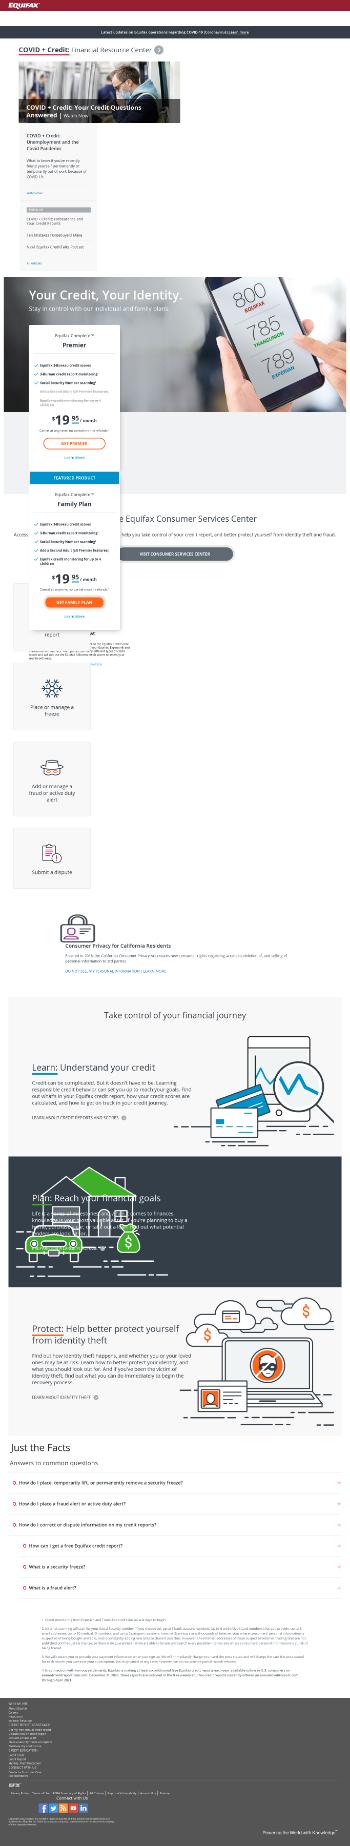 Equifax Inc. Website Screenshot